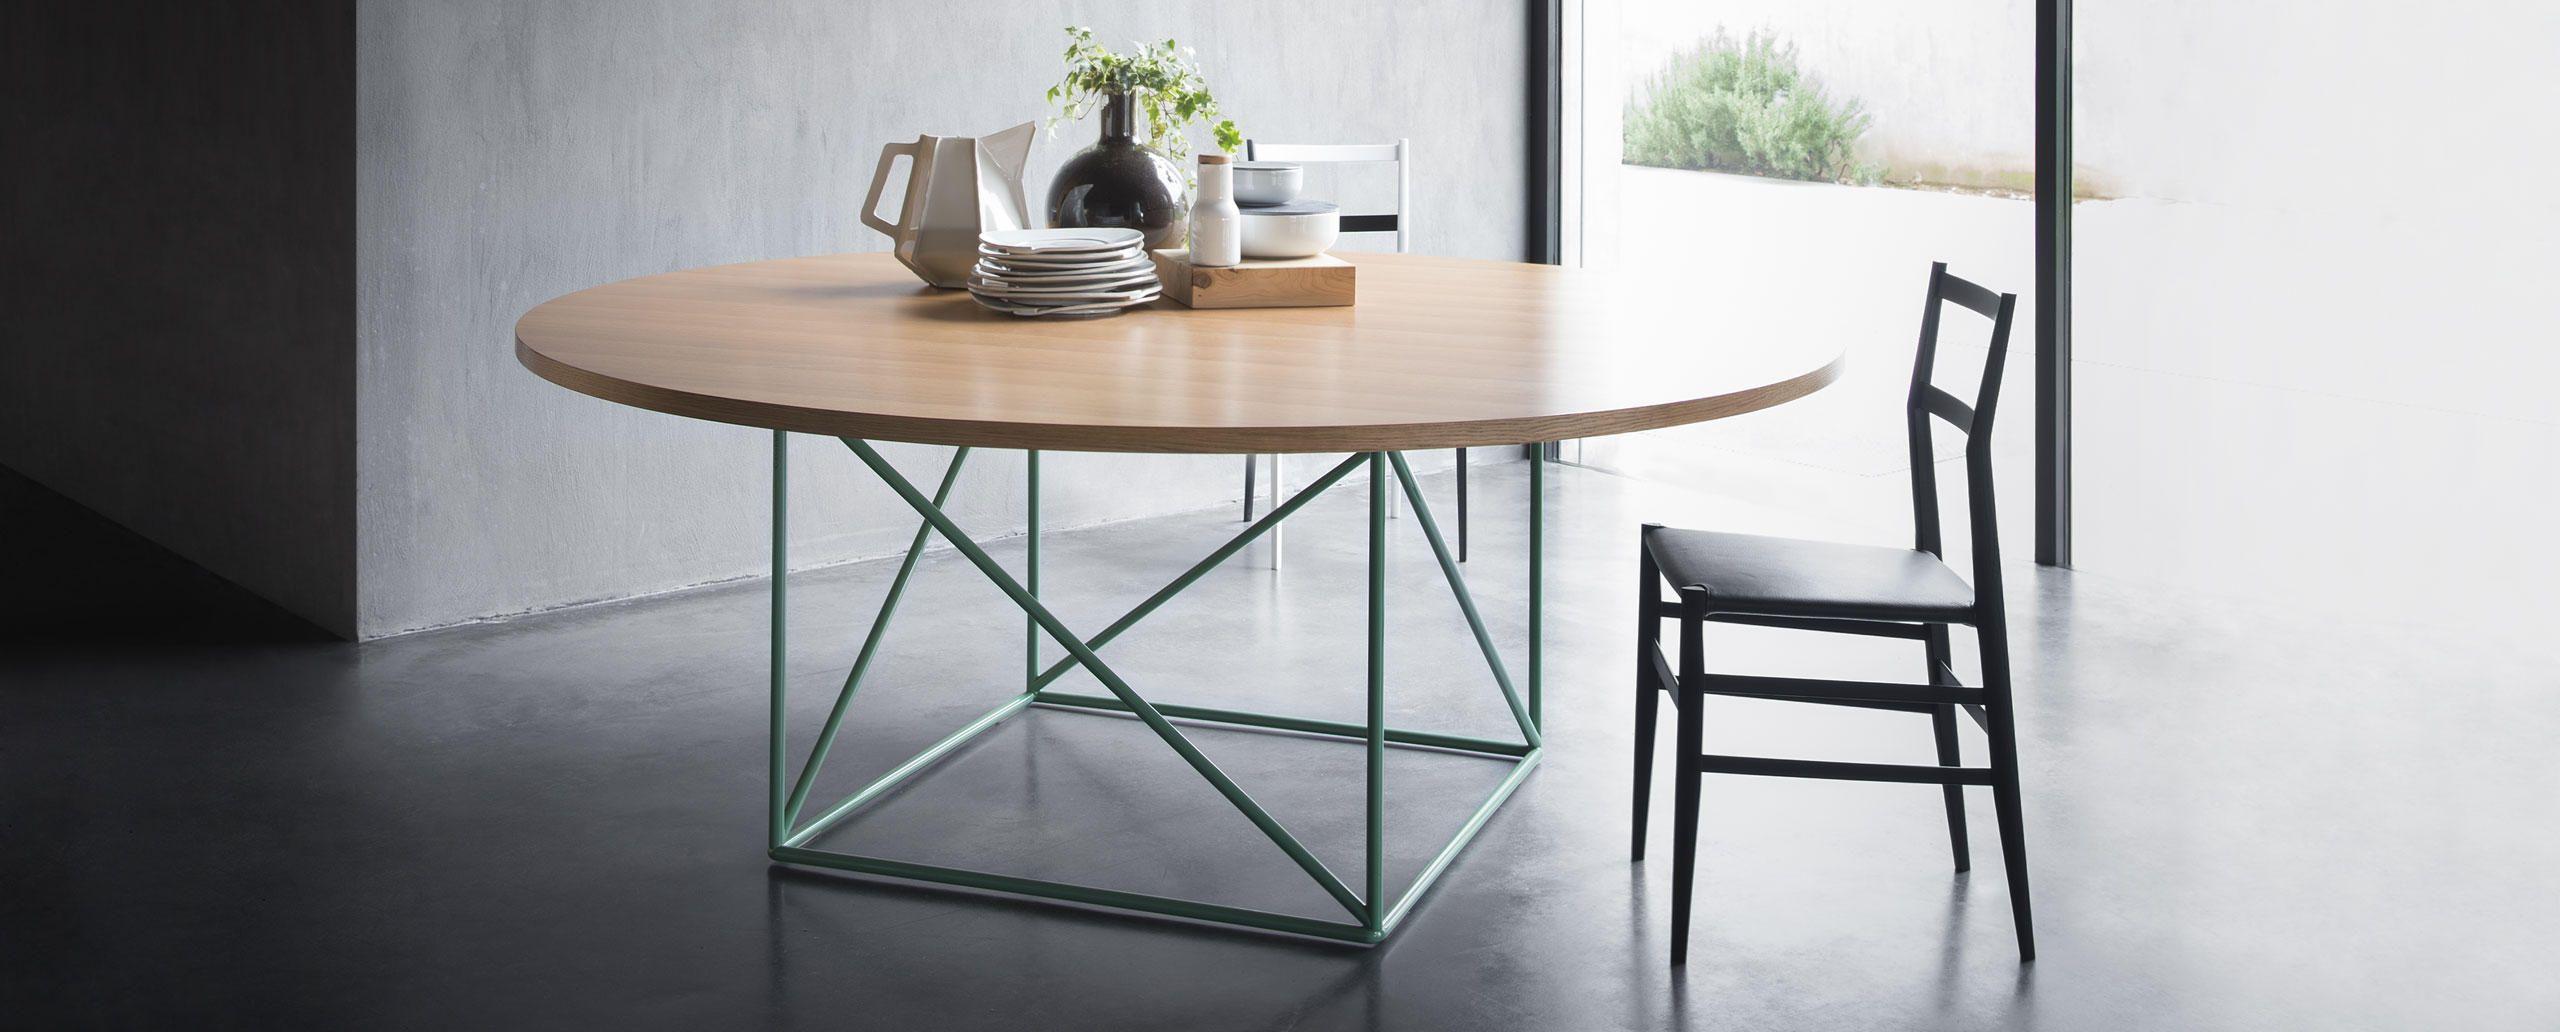 Tavoli Da Pranzo Cassina.Lc15 Le Corbusier Cassina Arredi Table Dining E Le Corbusier